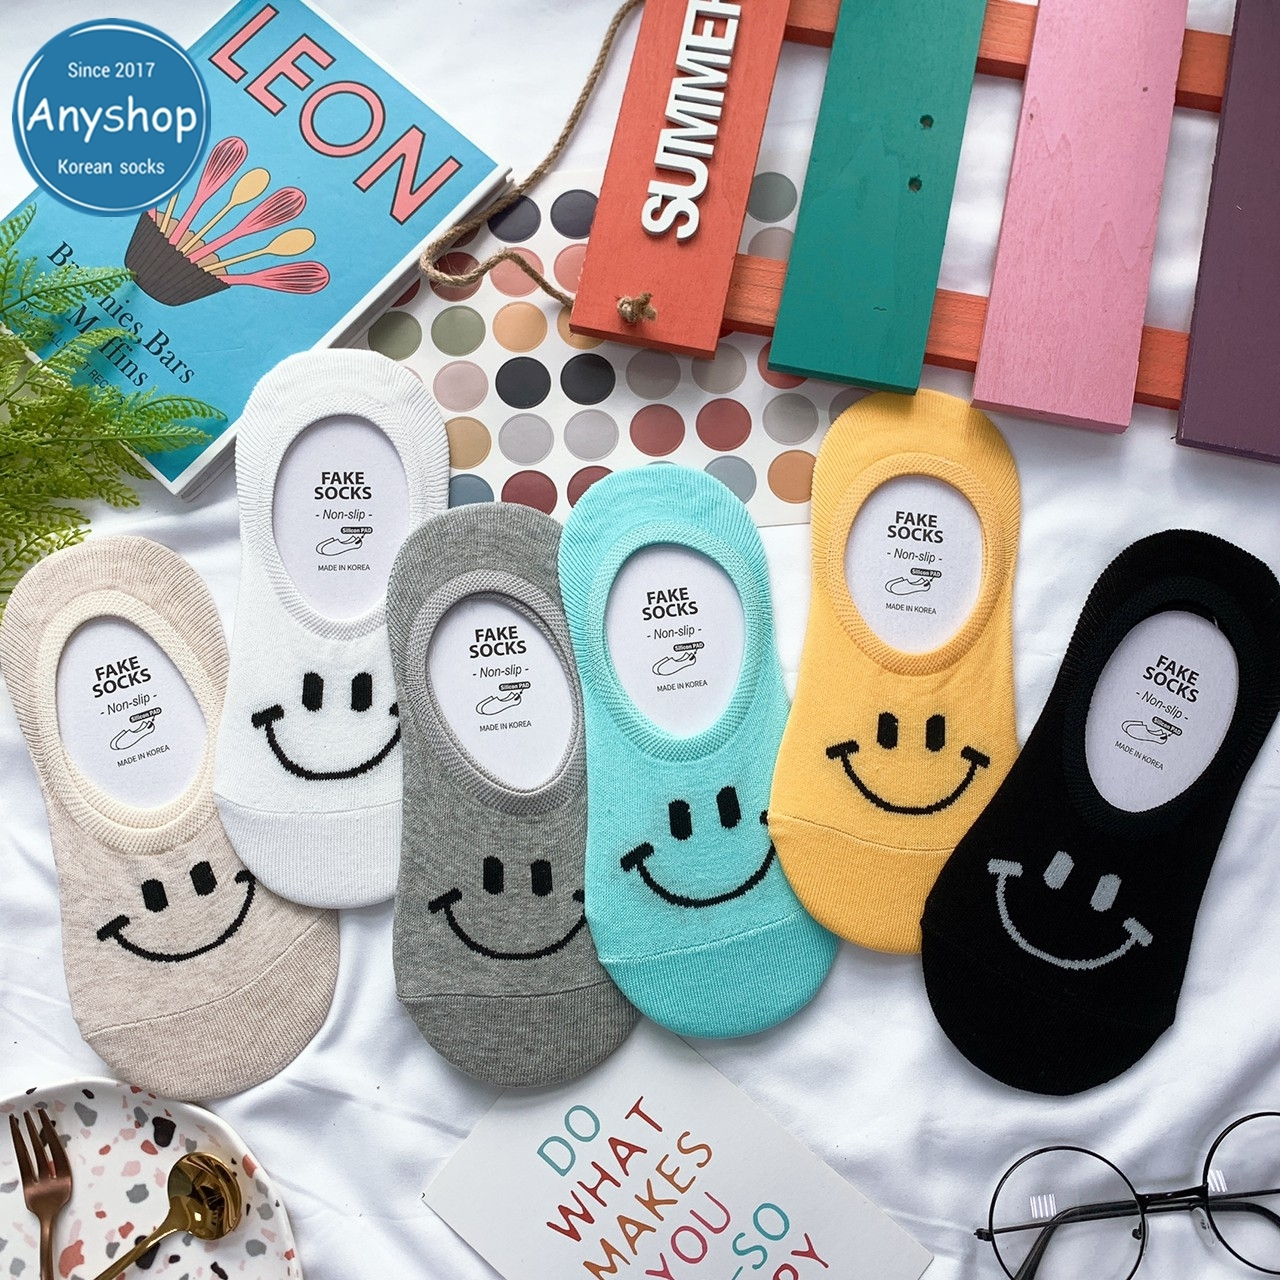 韓國襪-[Anyshop]微笑多彩船型襪